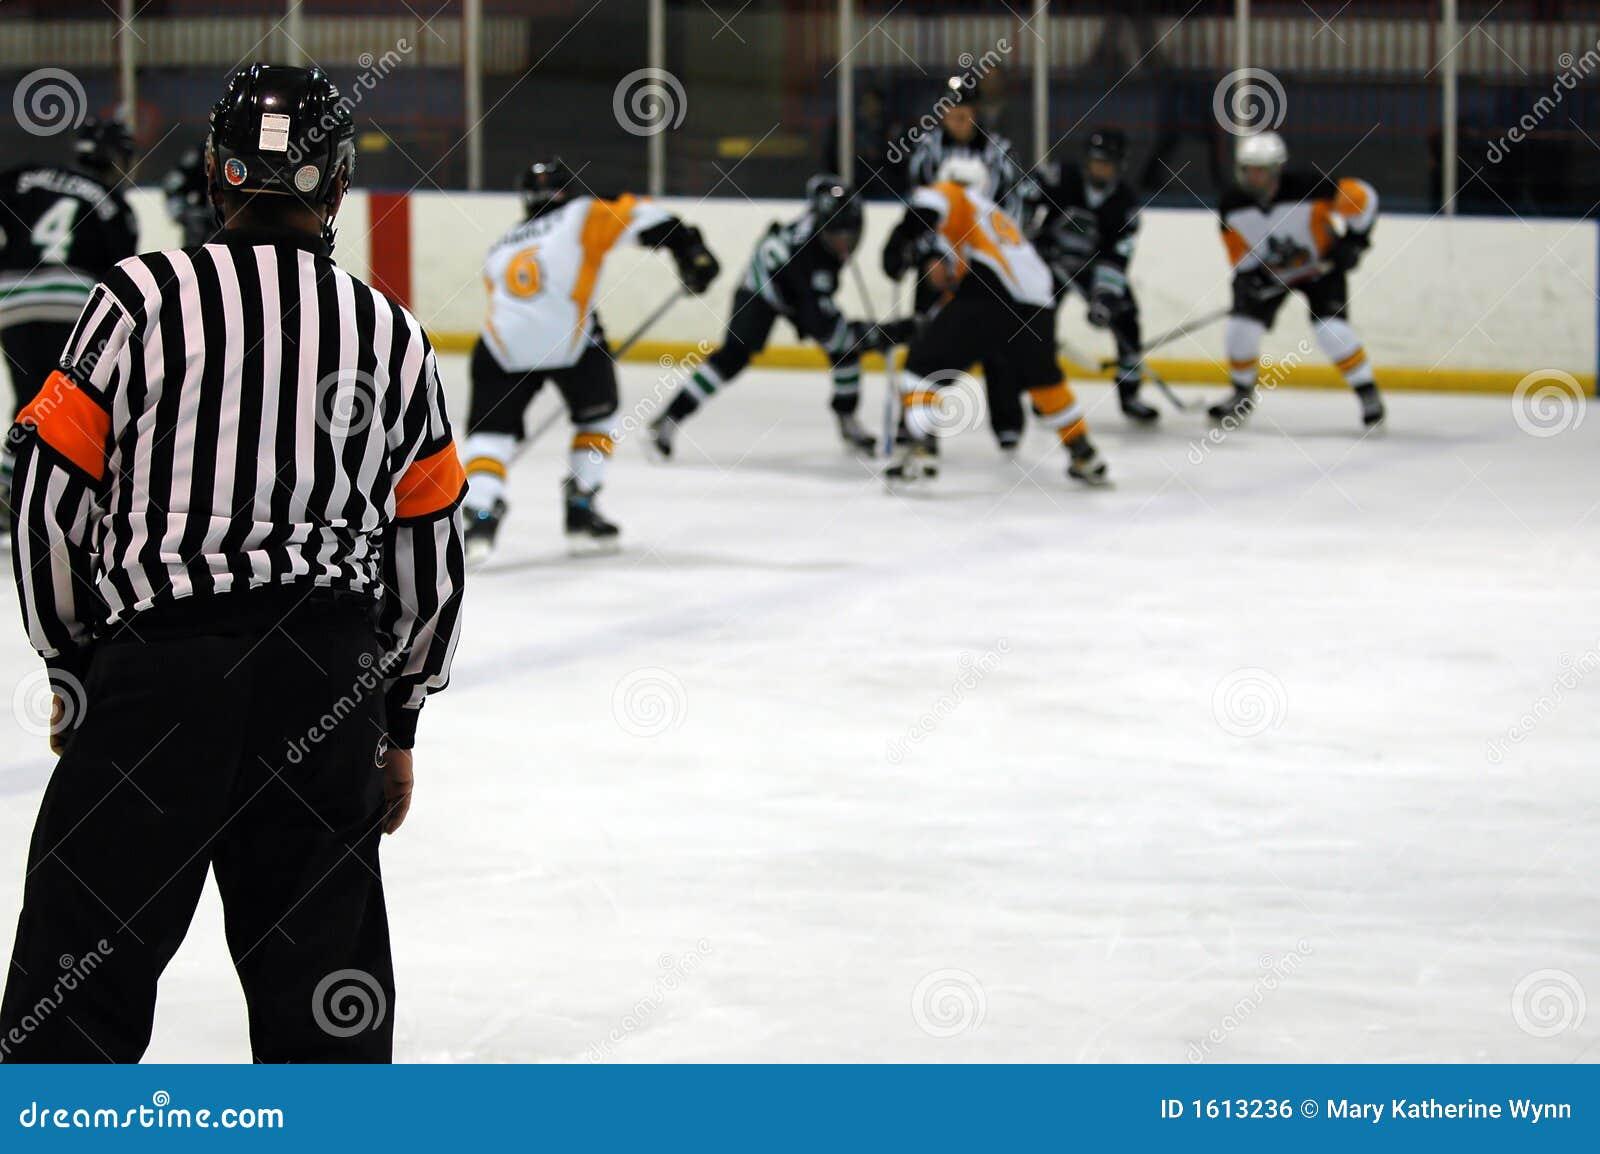 比赛曲棍球冰